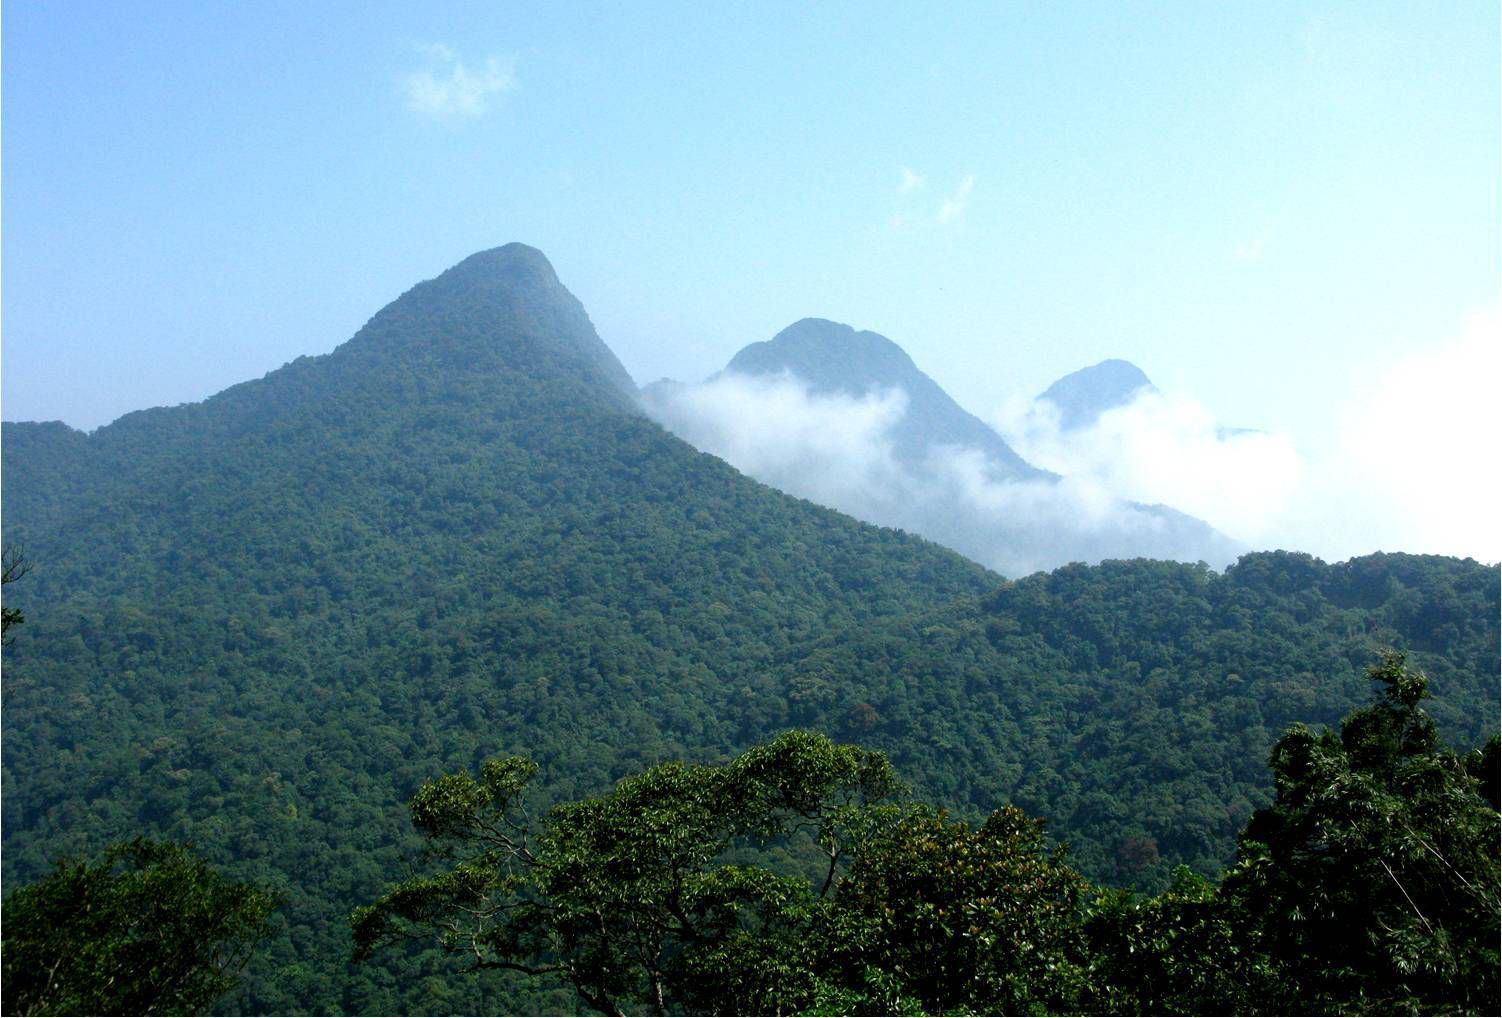 Dãy núi tam Đảo như 1 bức tường thành vững chãi che chắn cho những đồi chè khỏi những ngày nắng khắc nghiệt